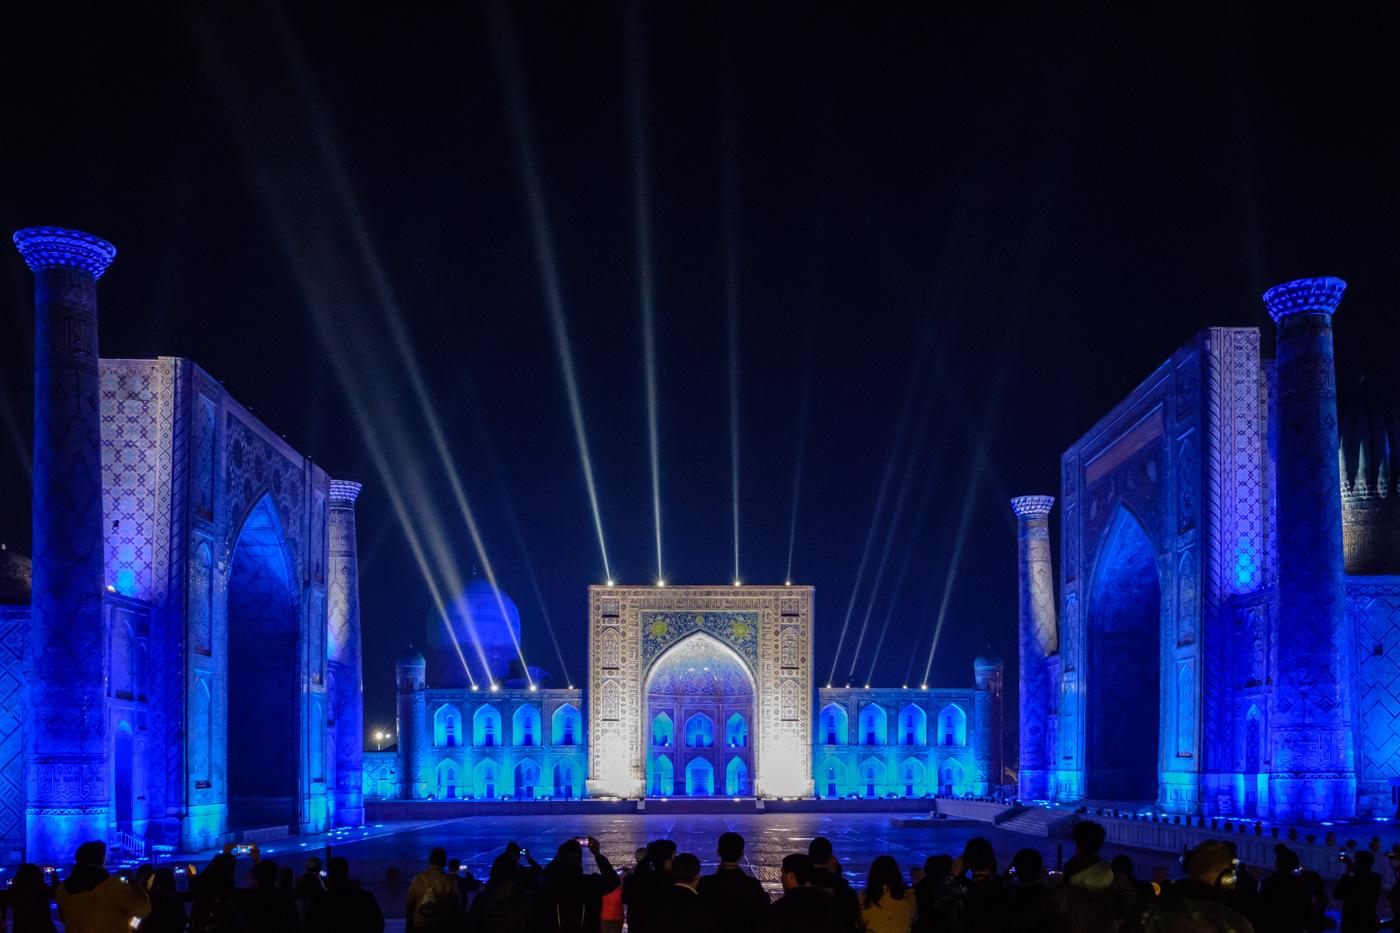 Usbekistan, Zentrum der Seidenstraße - Lightshow am Registan.